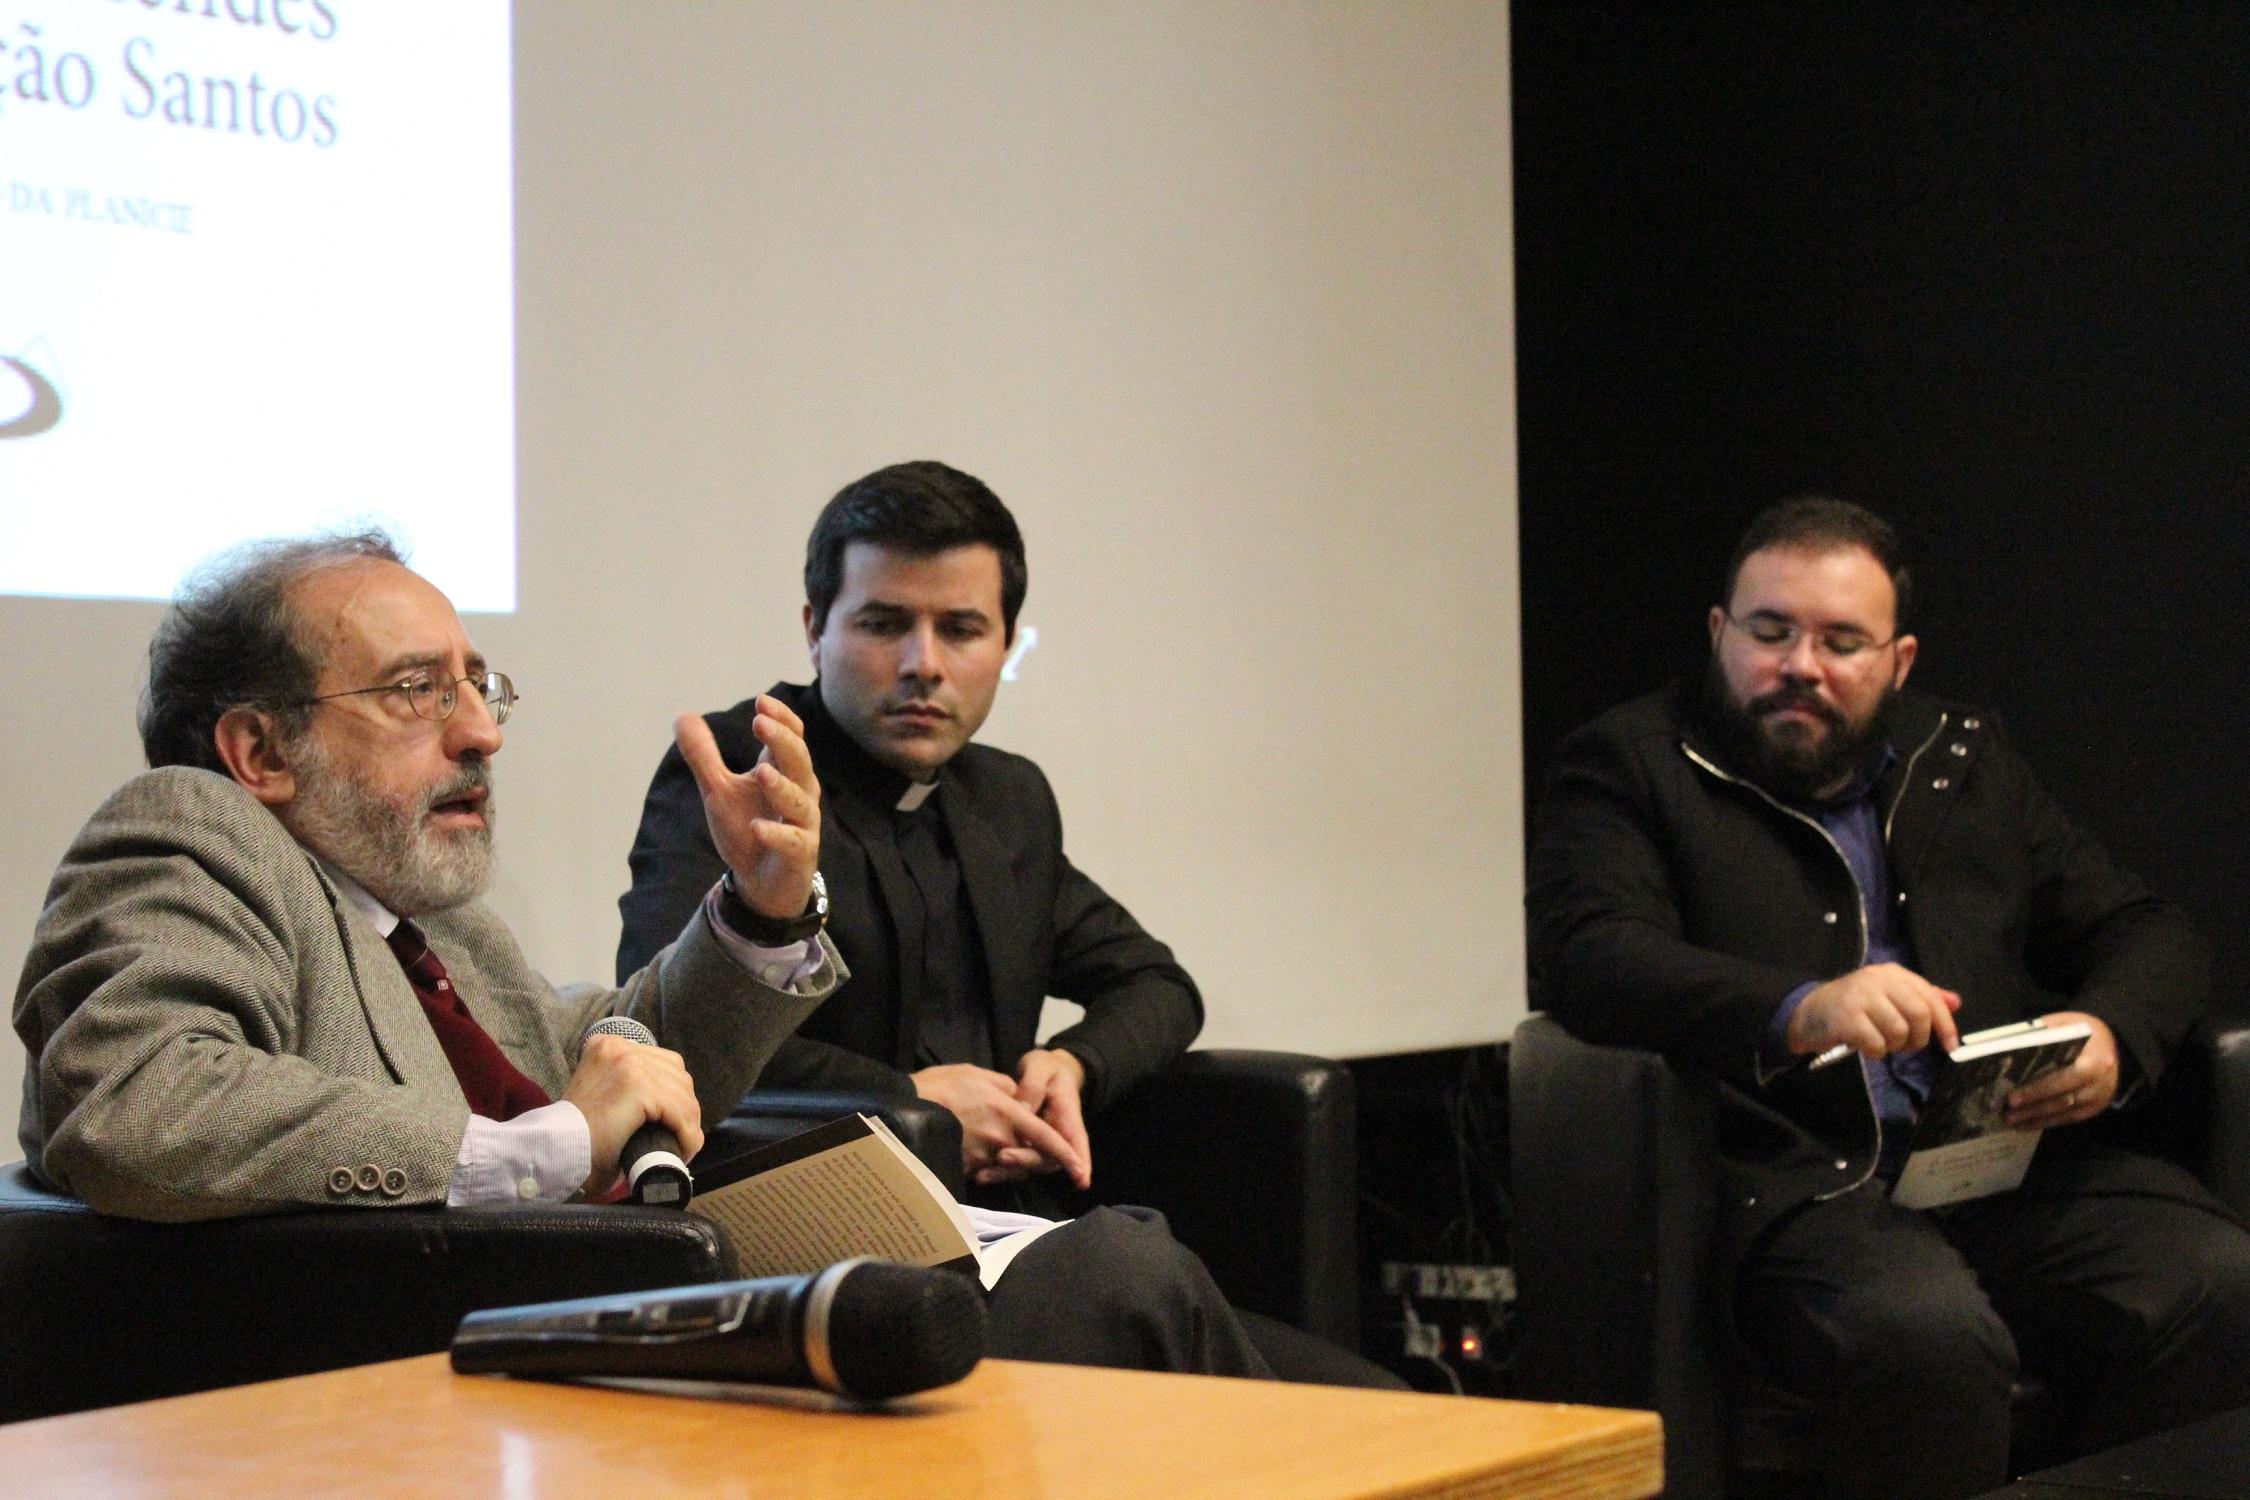 Foto: Pedro Miguel Conceição/a defesa